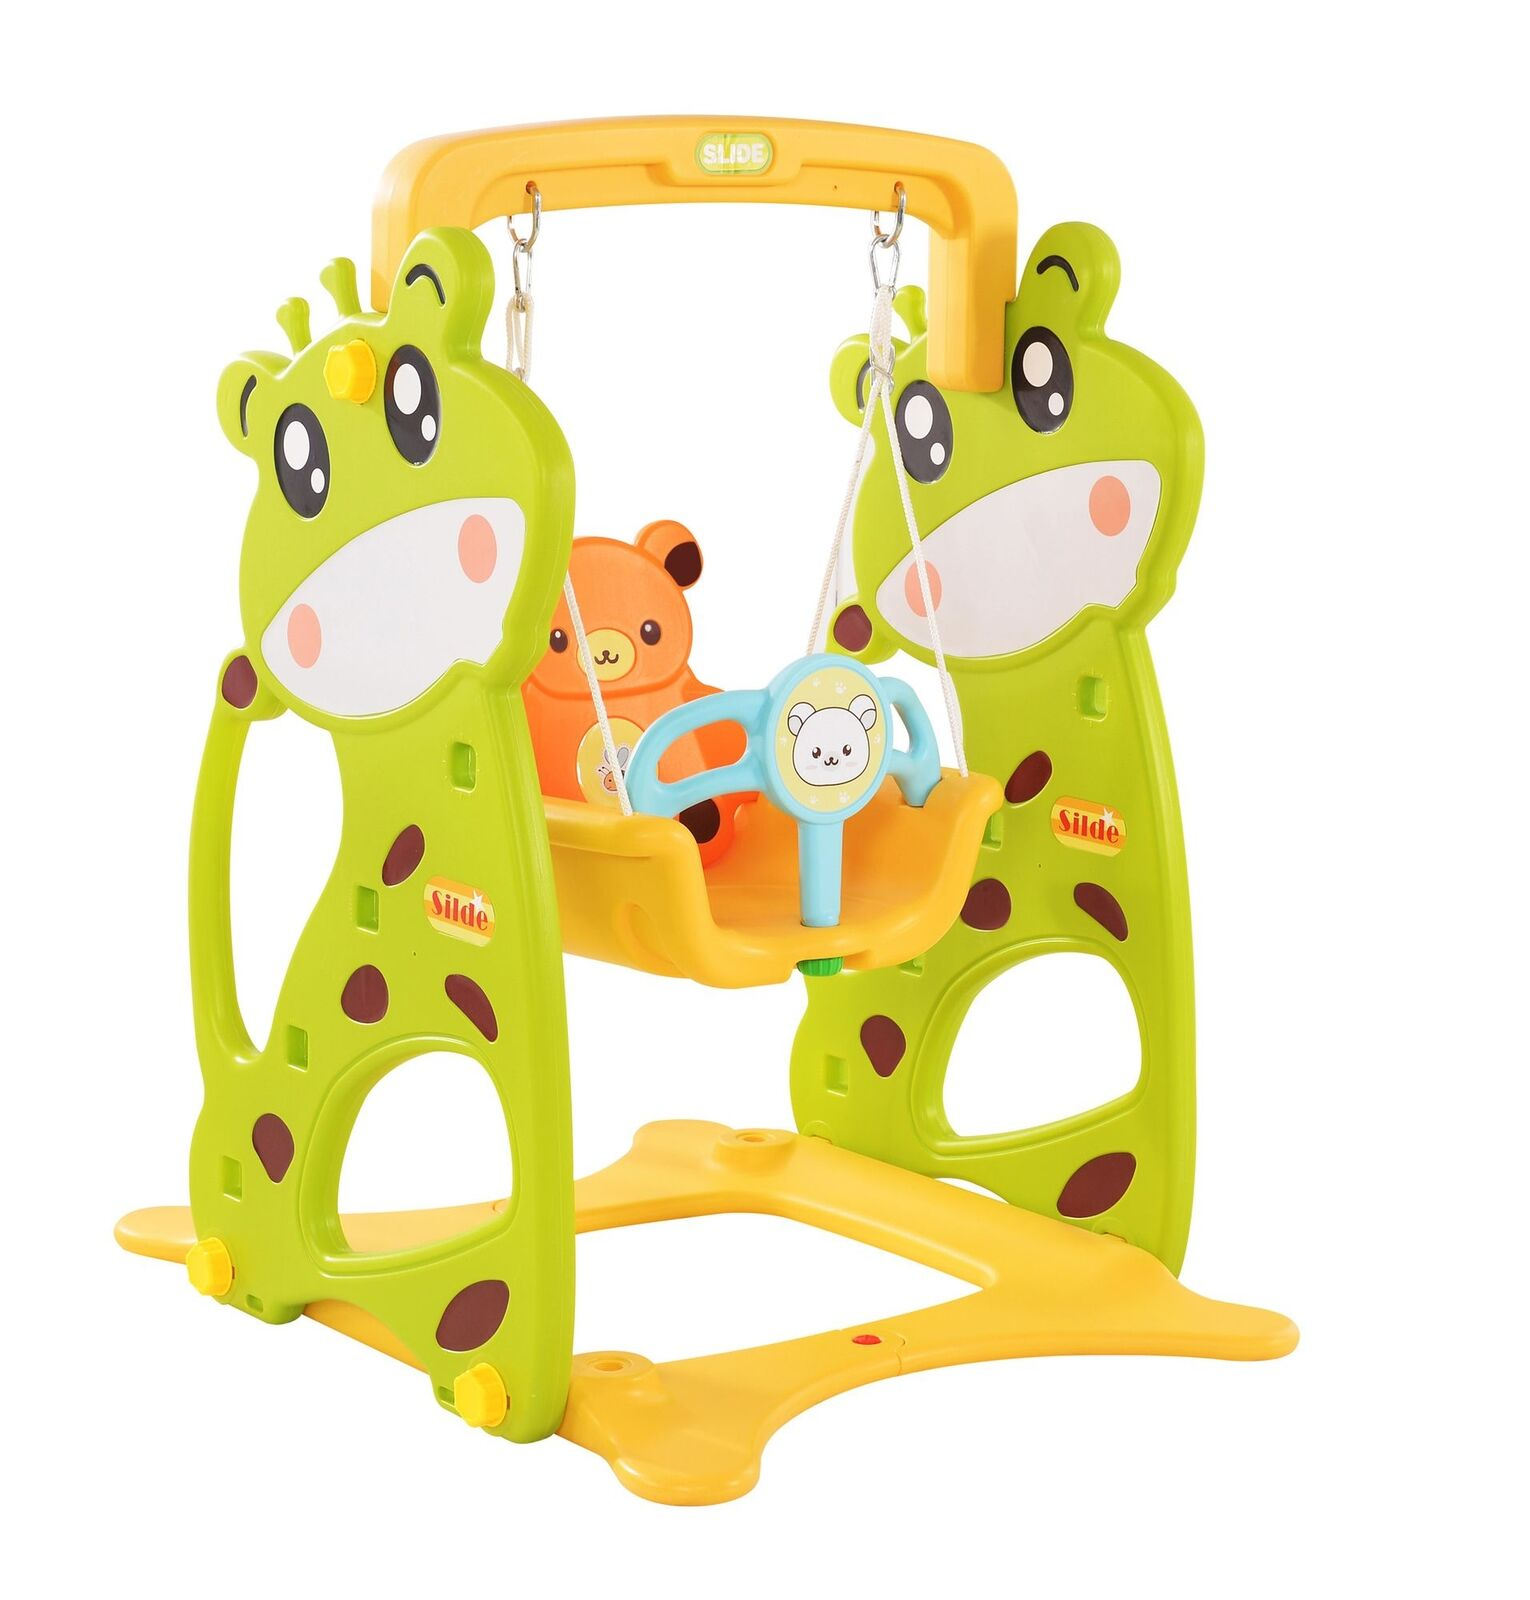 Kinder Schaukel Babyschaukel draußen stabil Ausführung Innen Clamaro Crazy Zoo